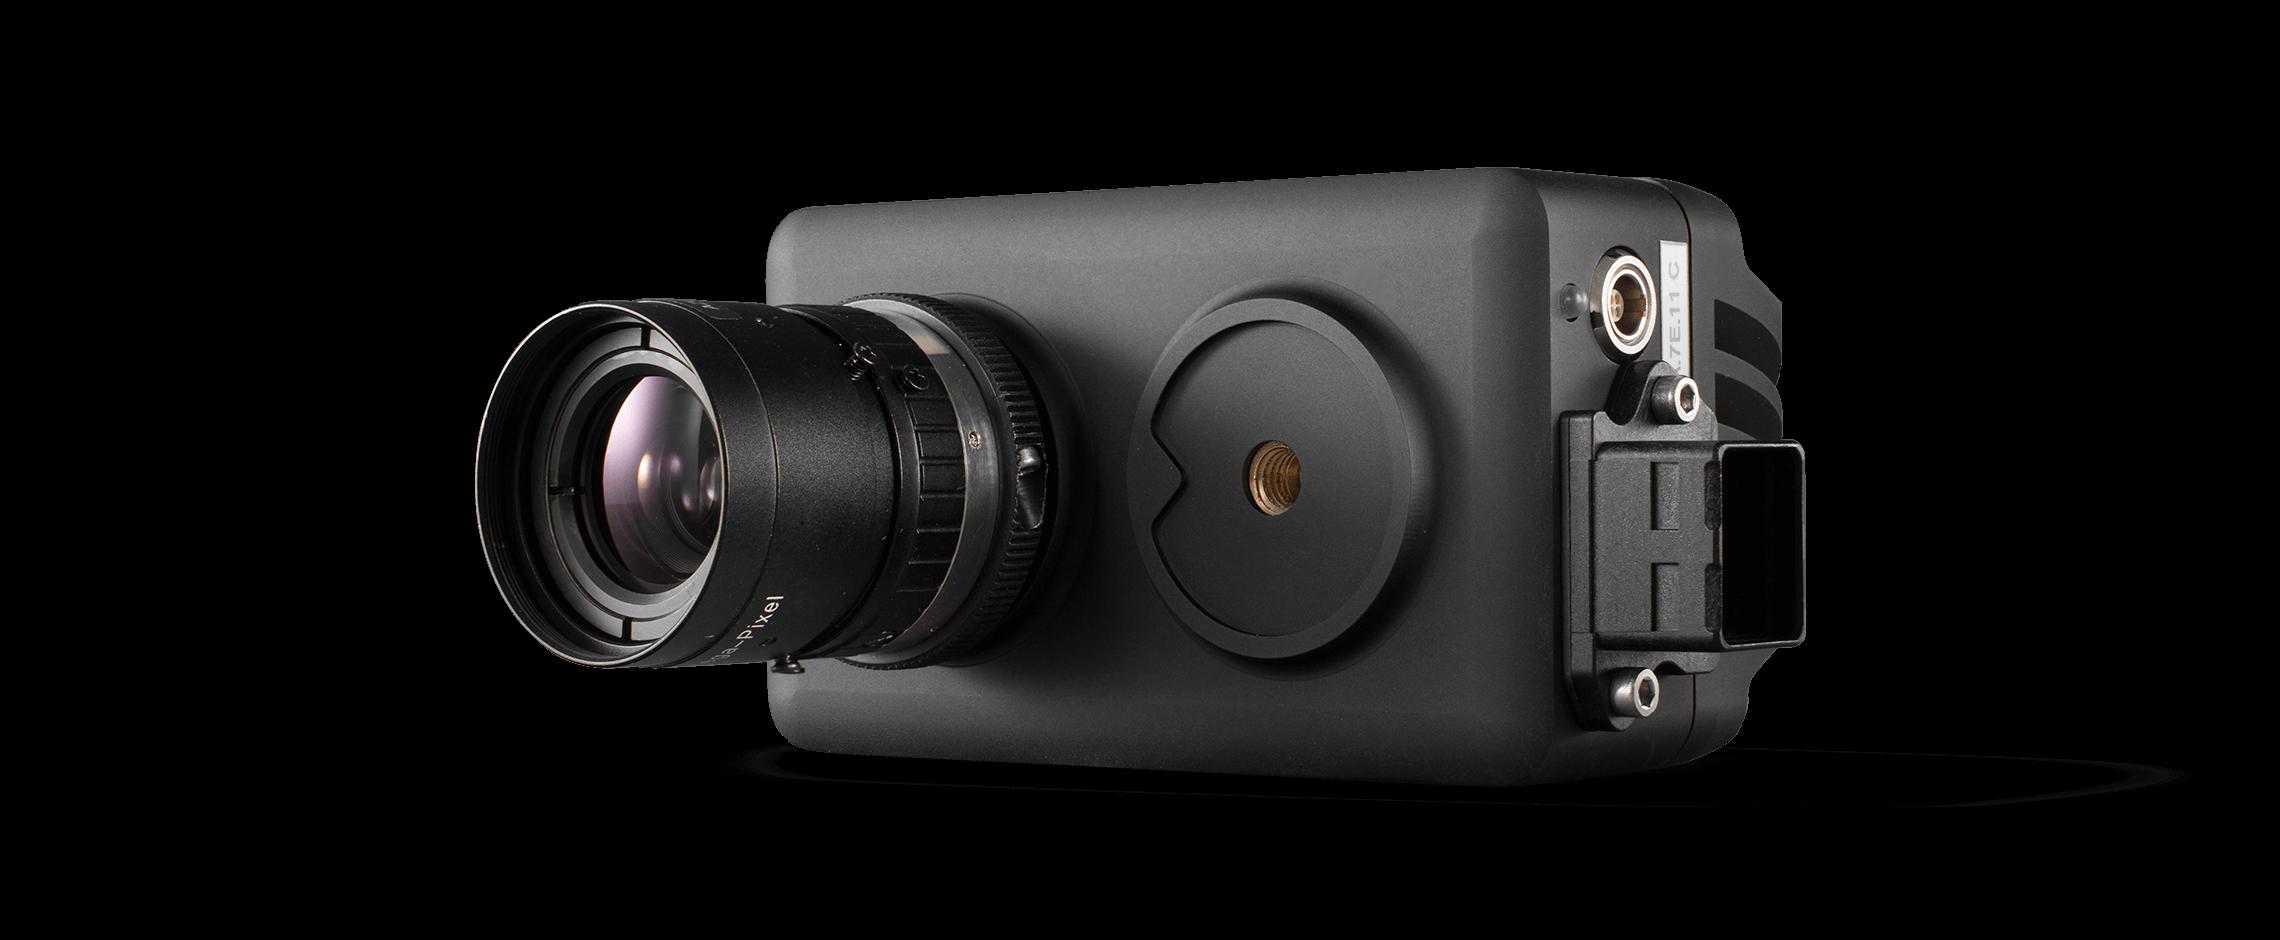 高速耐用摄像机